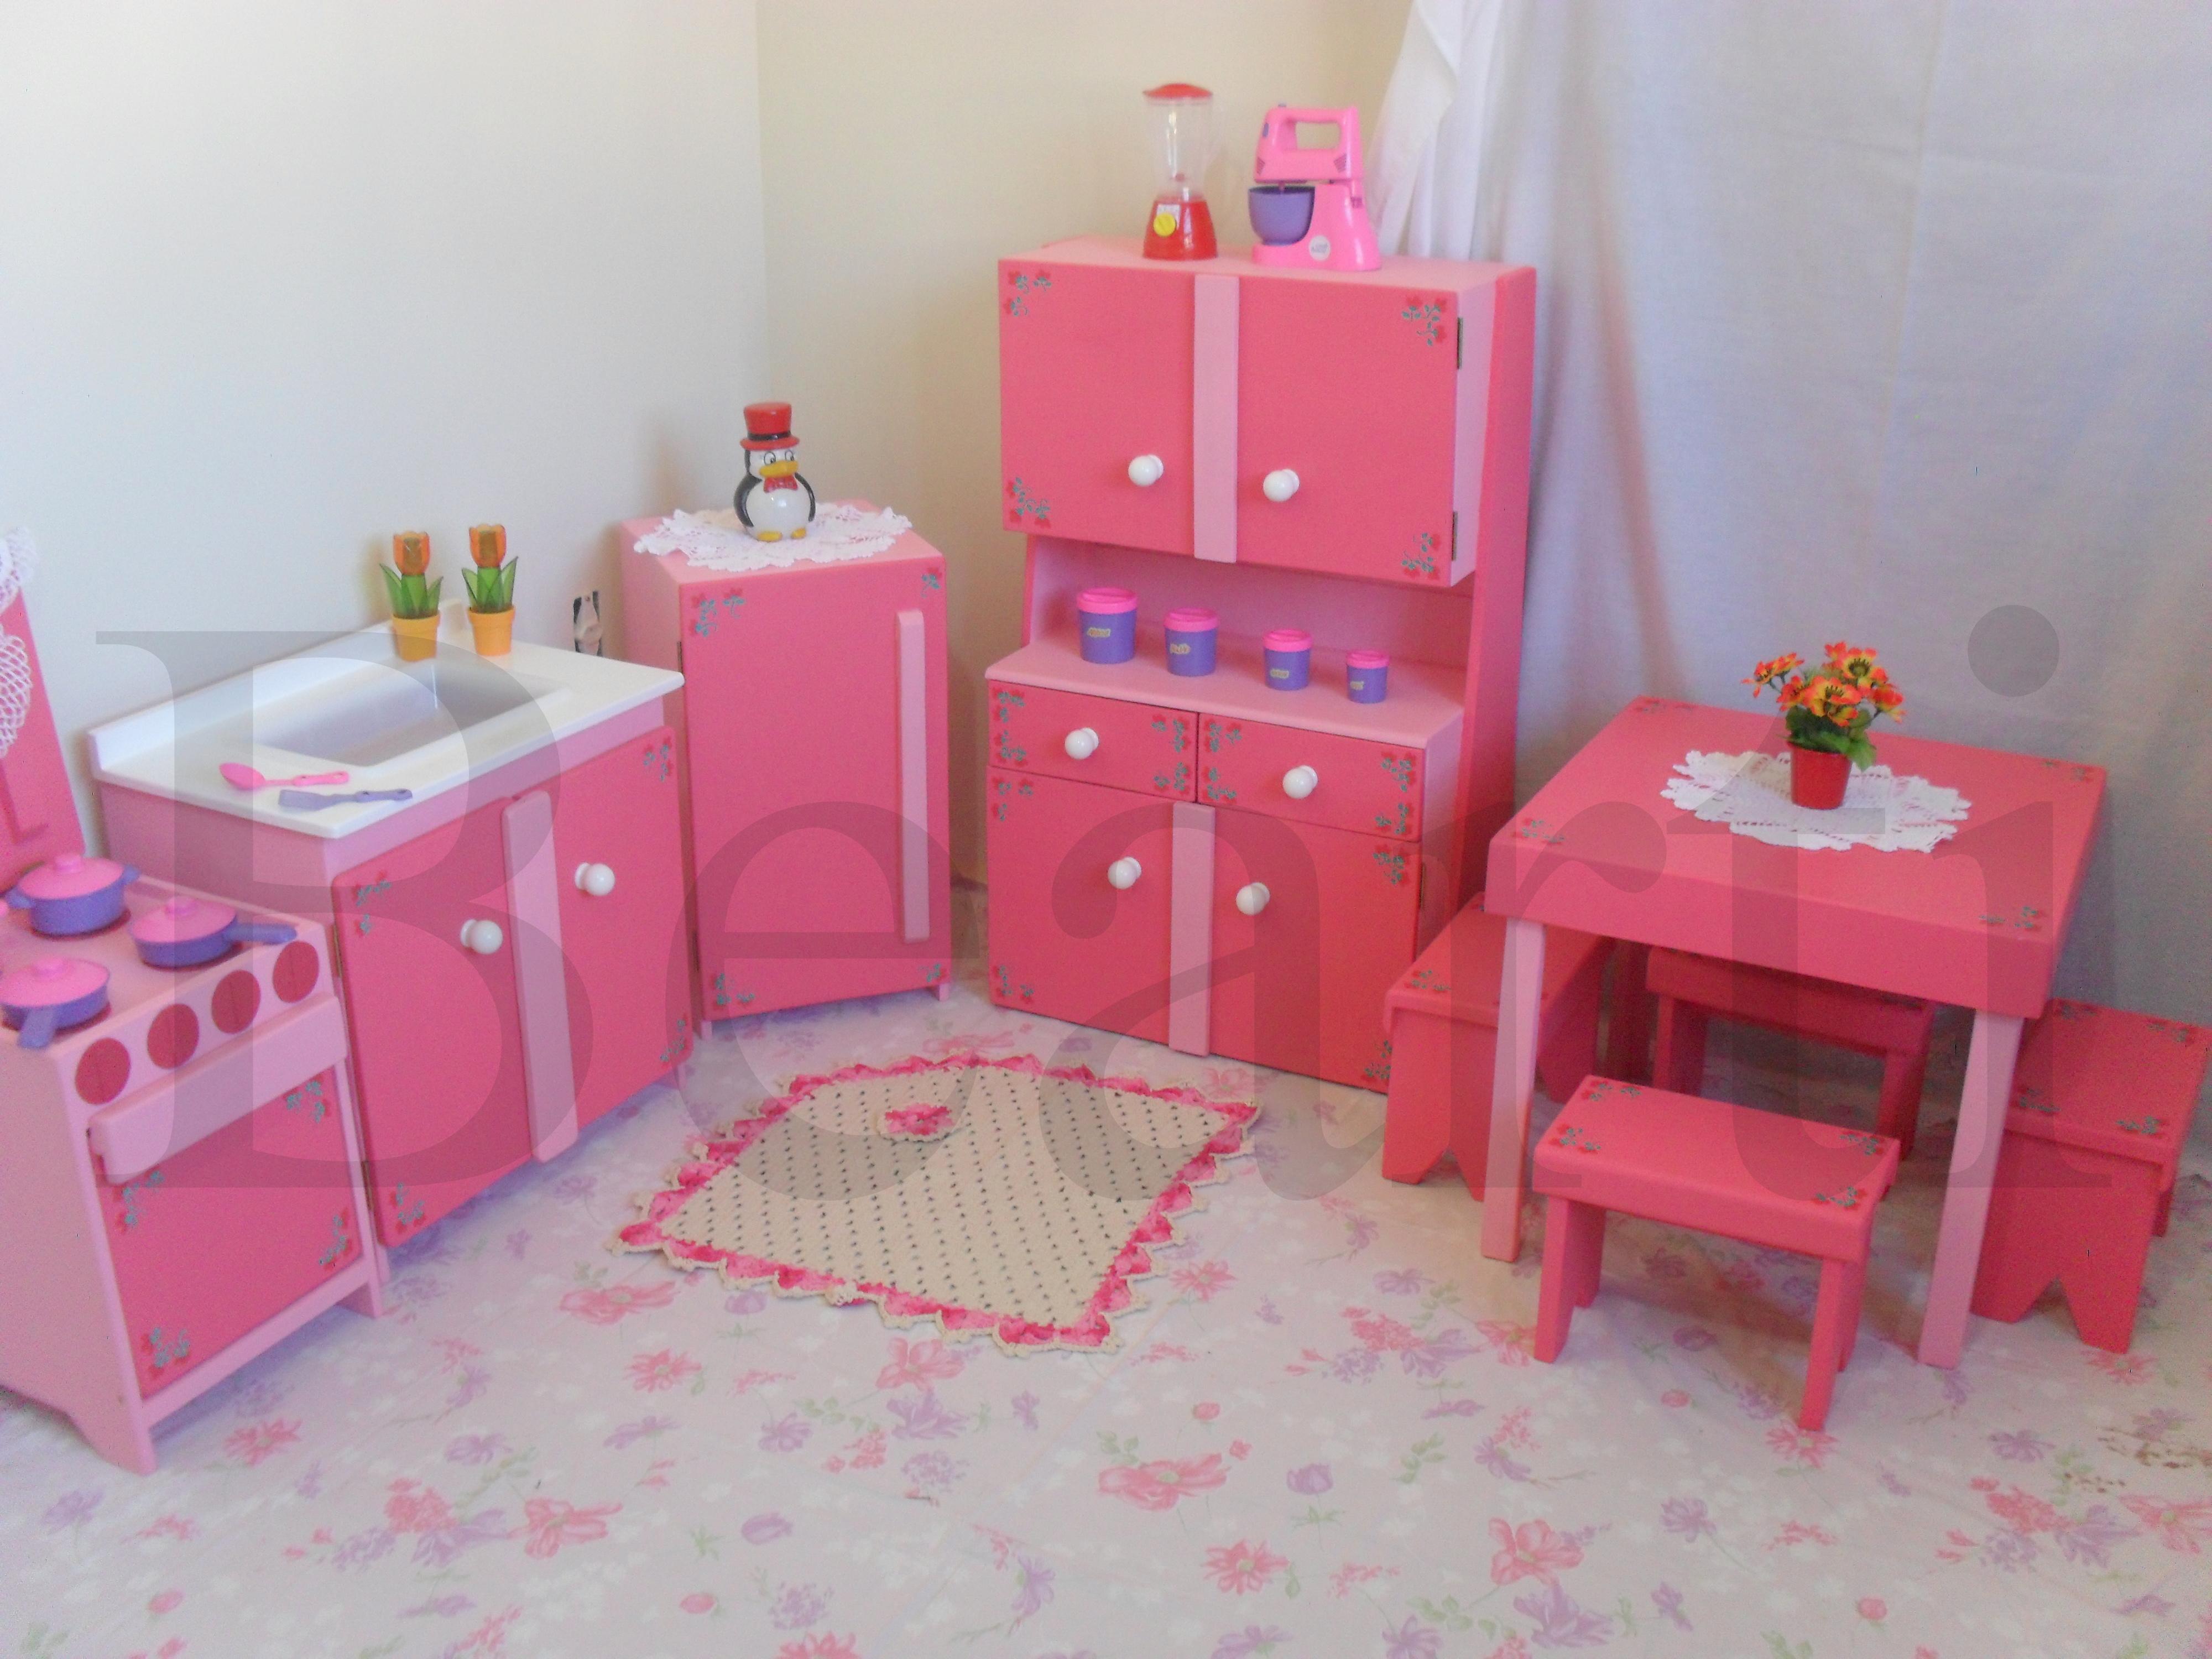 Cozinha Infantil De Papel O Resimden Com